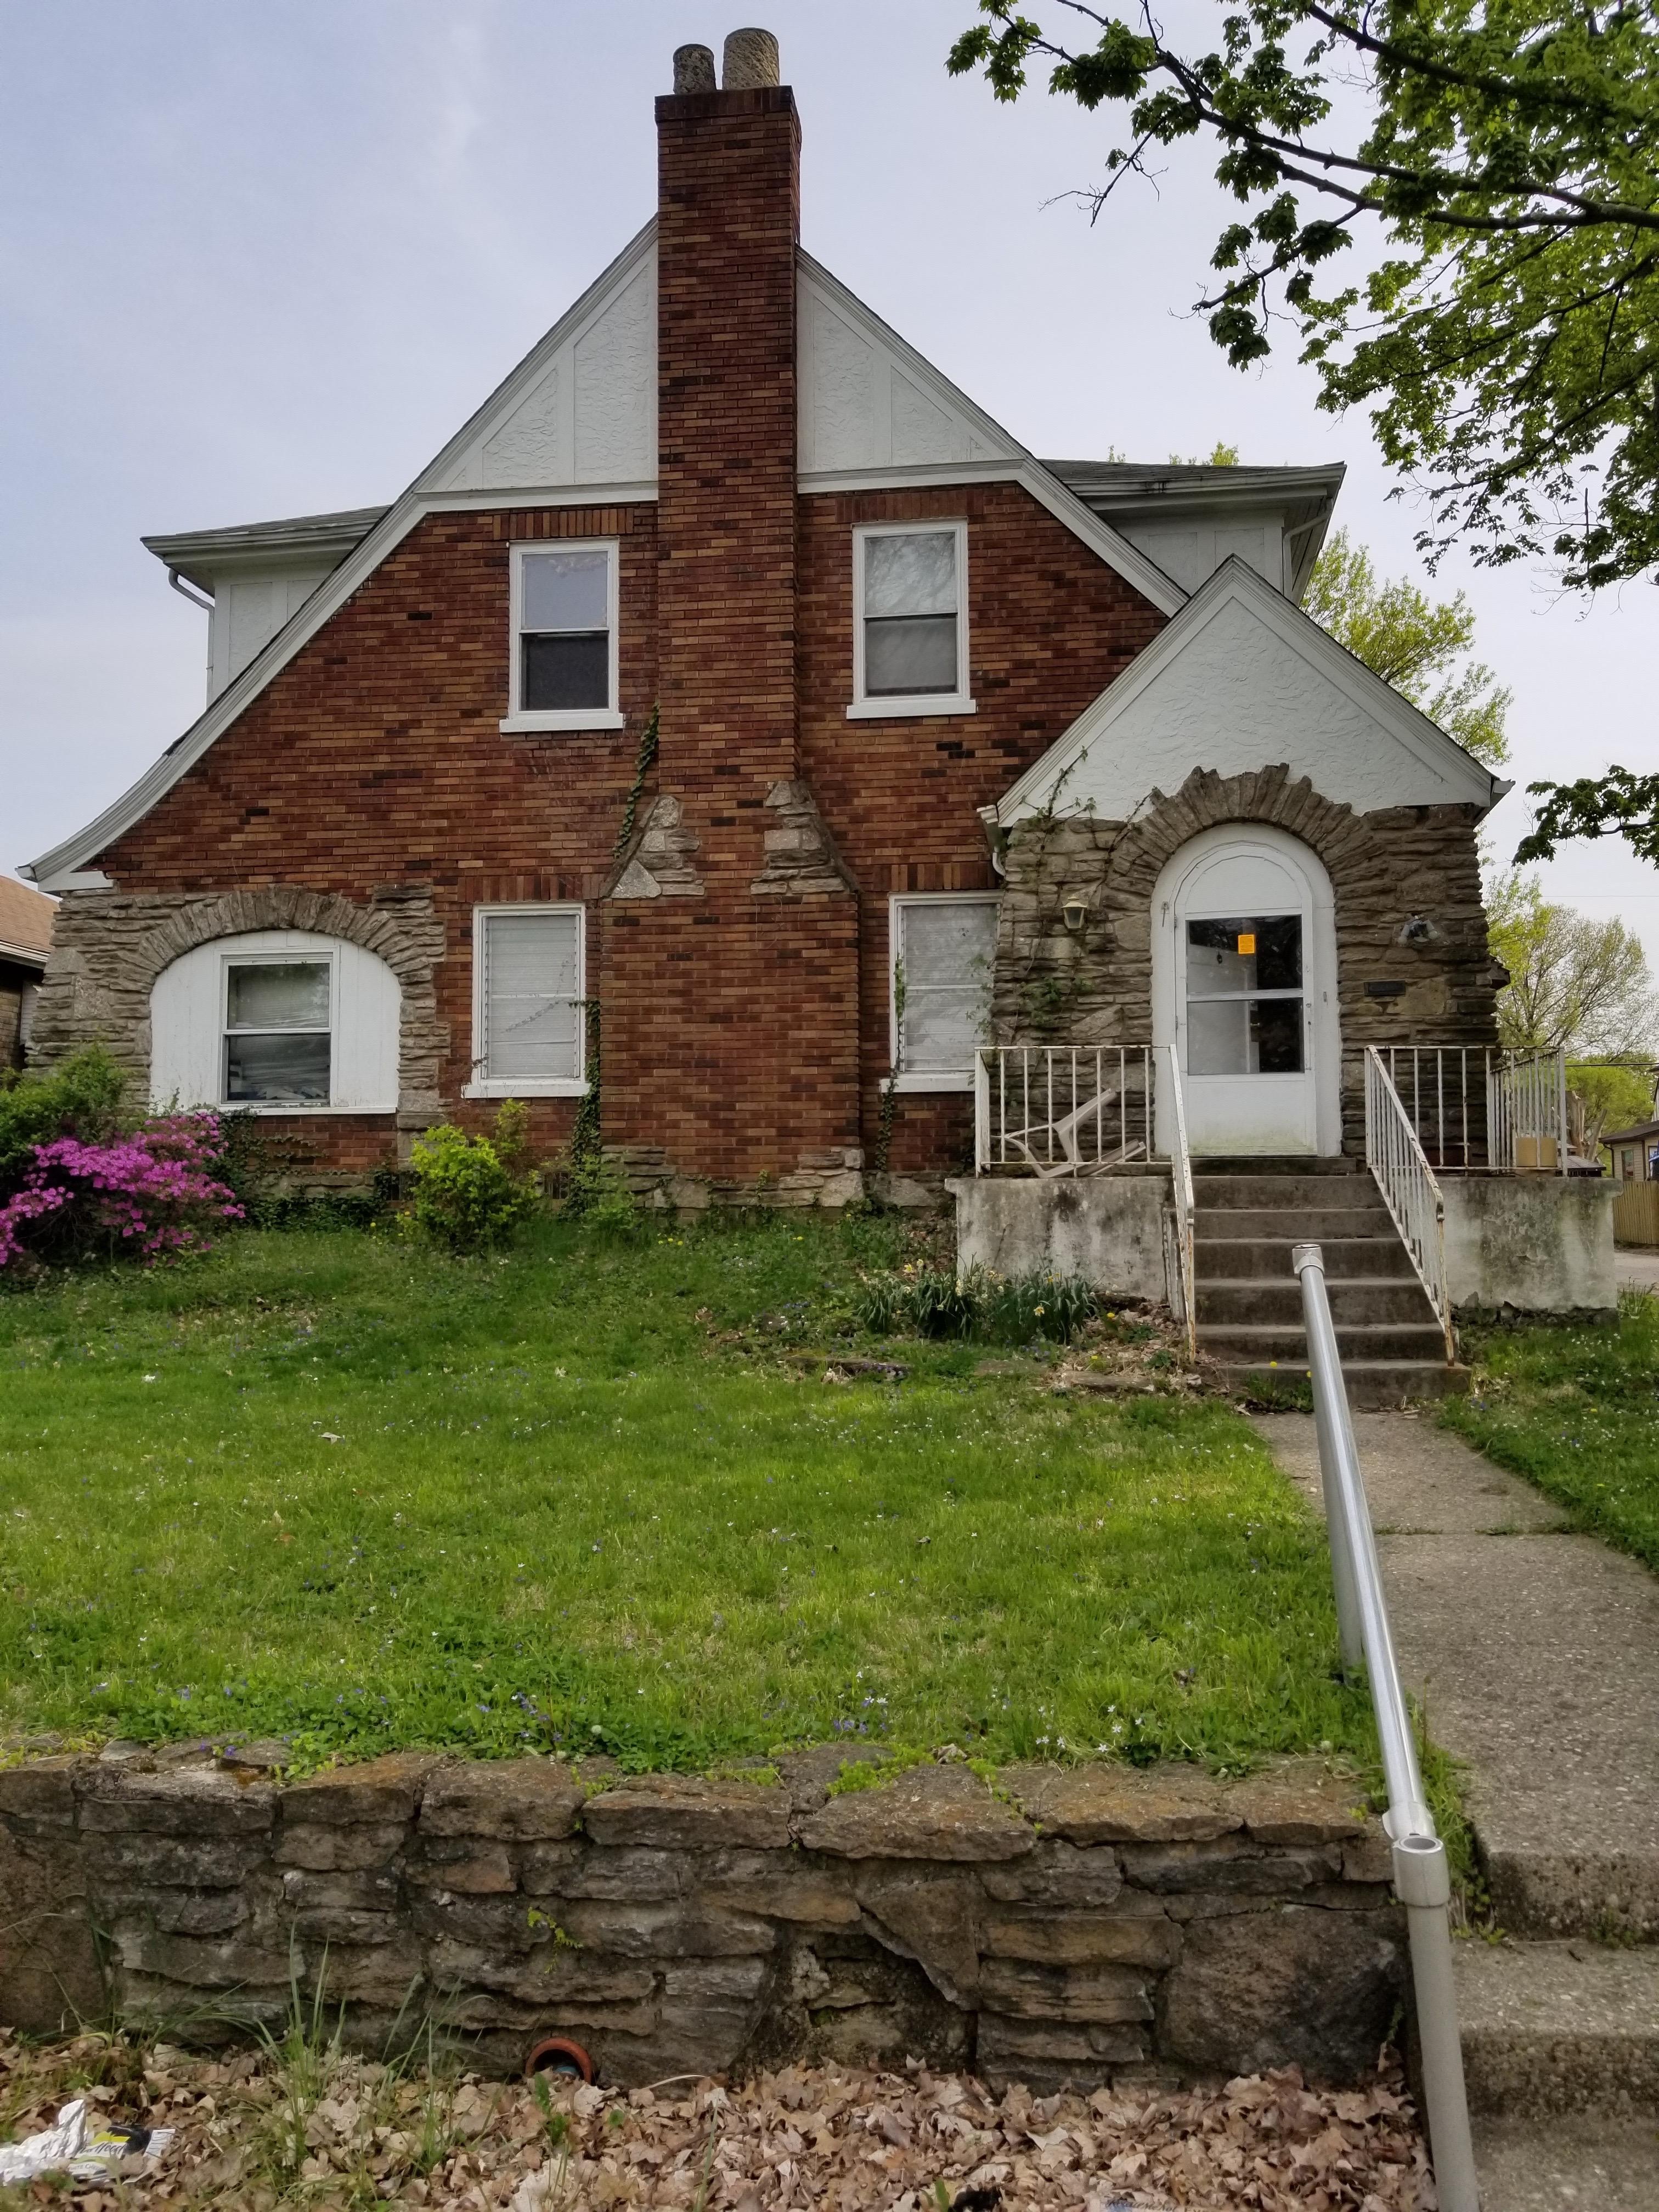 1803 Avonlea Ave, Cincinnati, OH